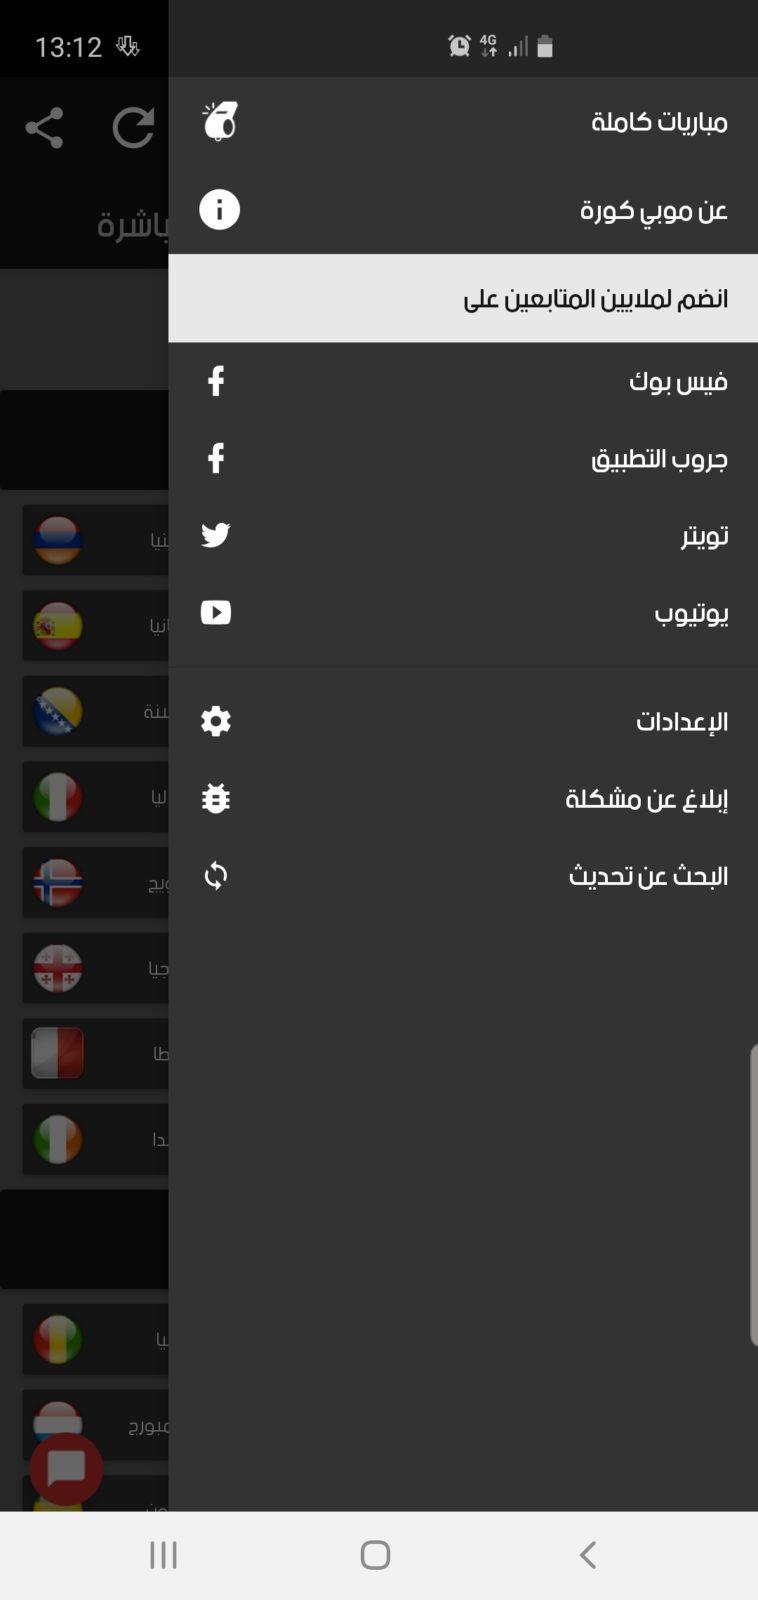 تحميل MobiKora تطبيق موبى كورة [APK + اخر اصدار]